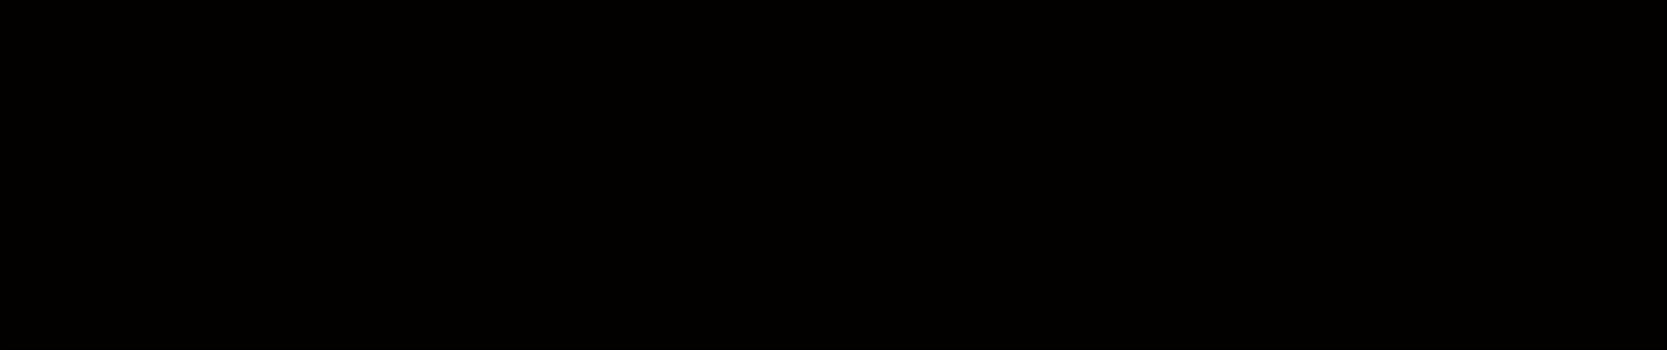 Sabe Logo.png